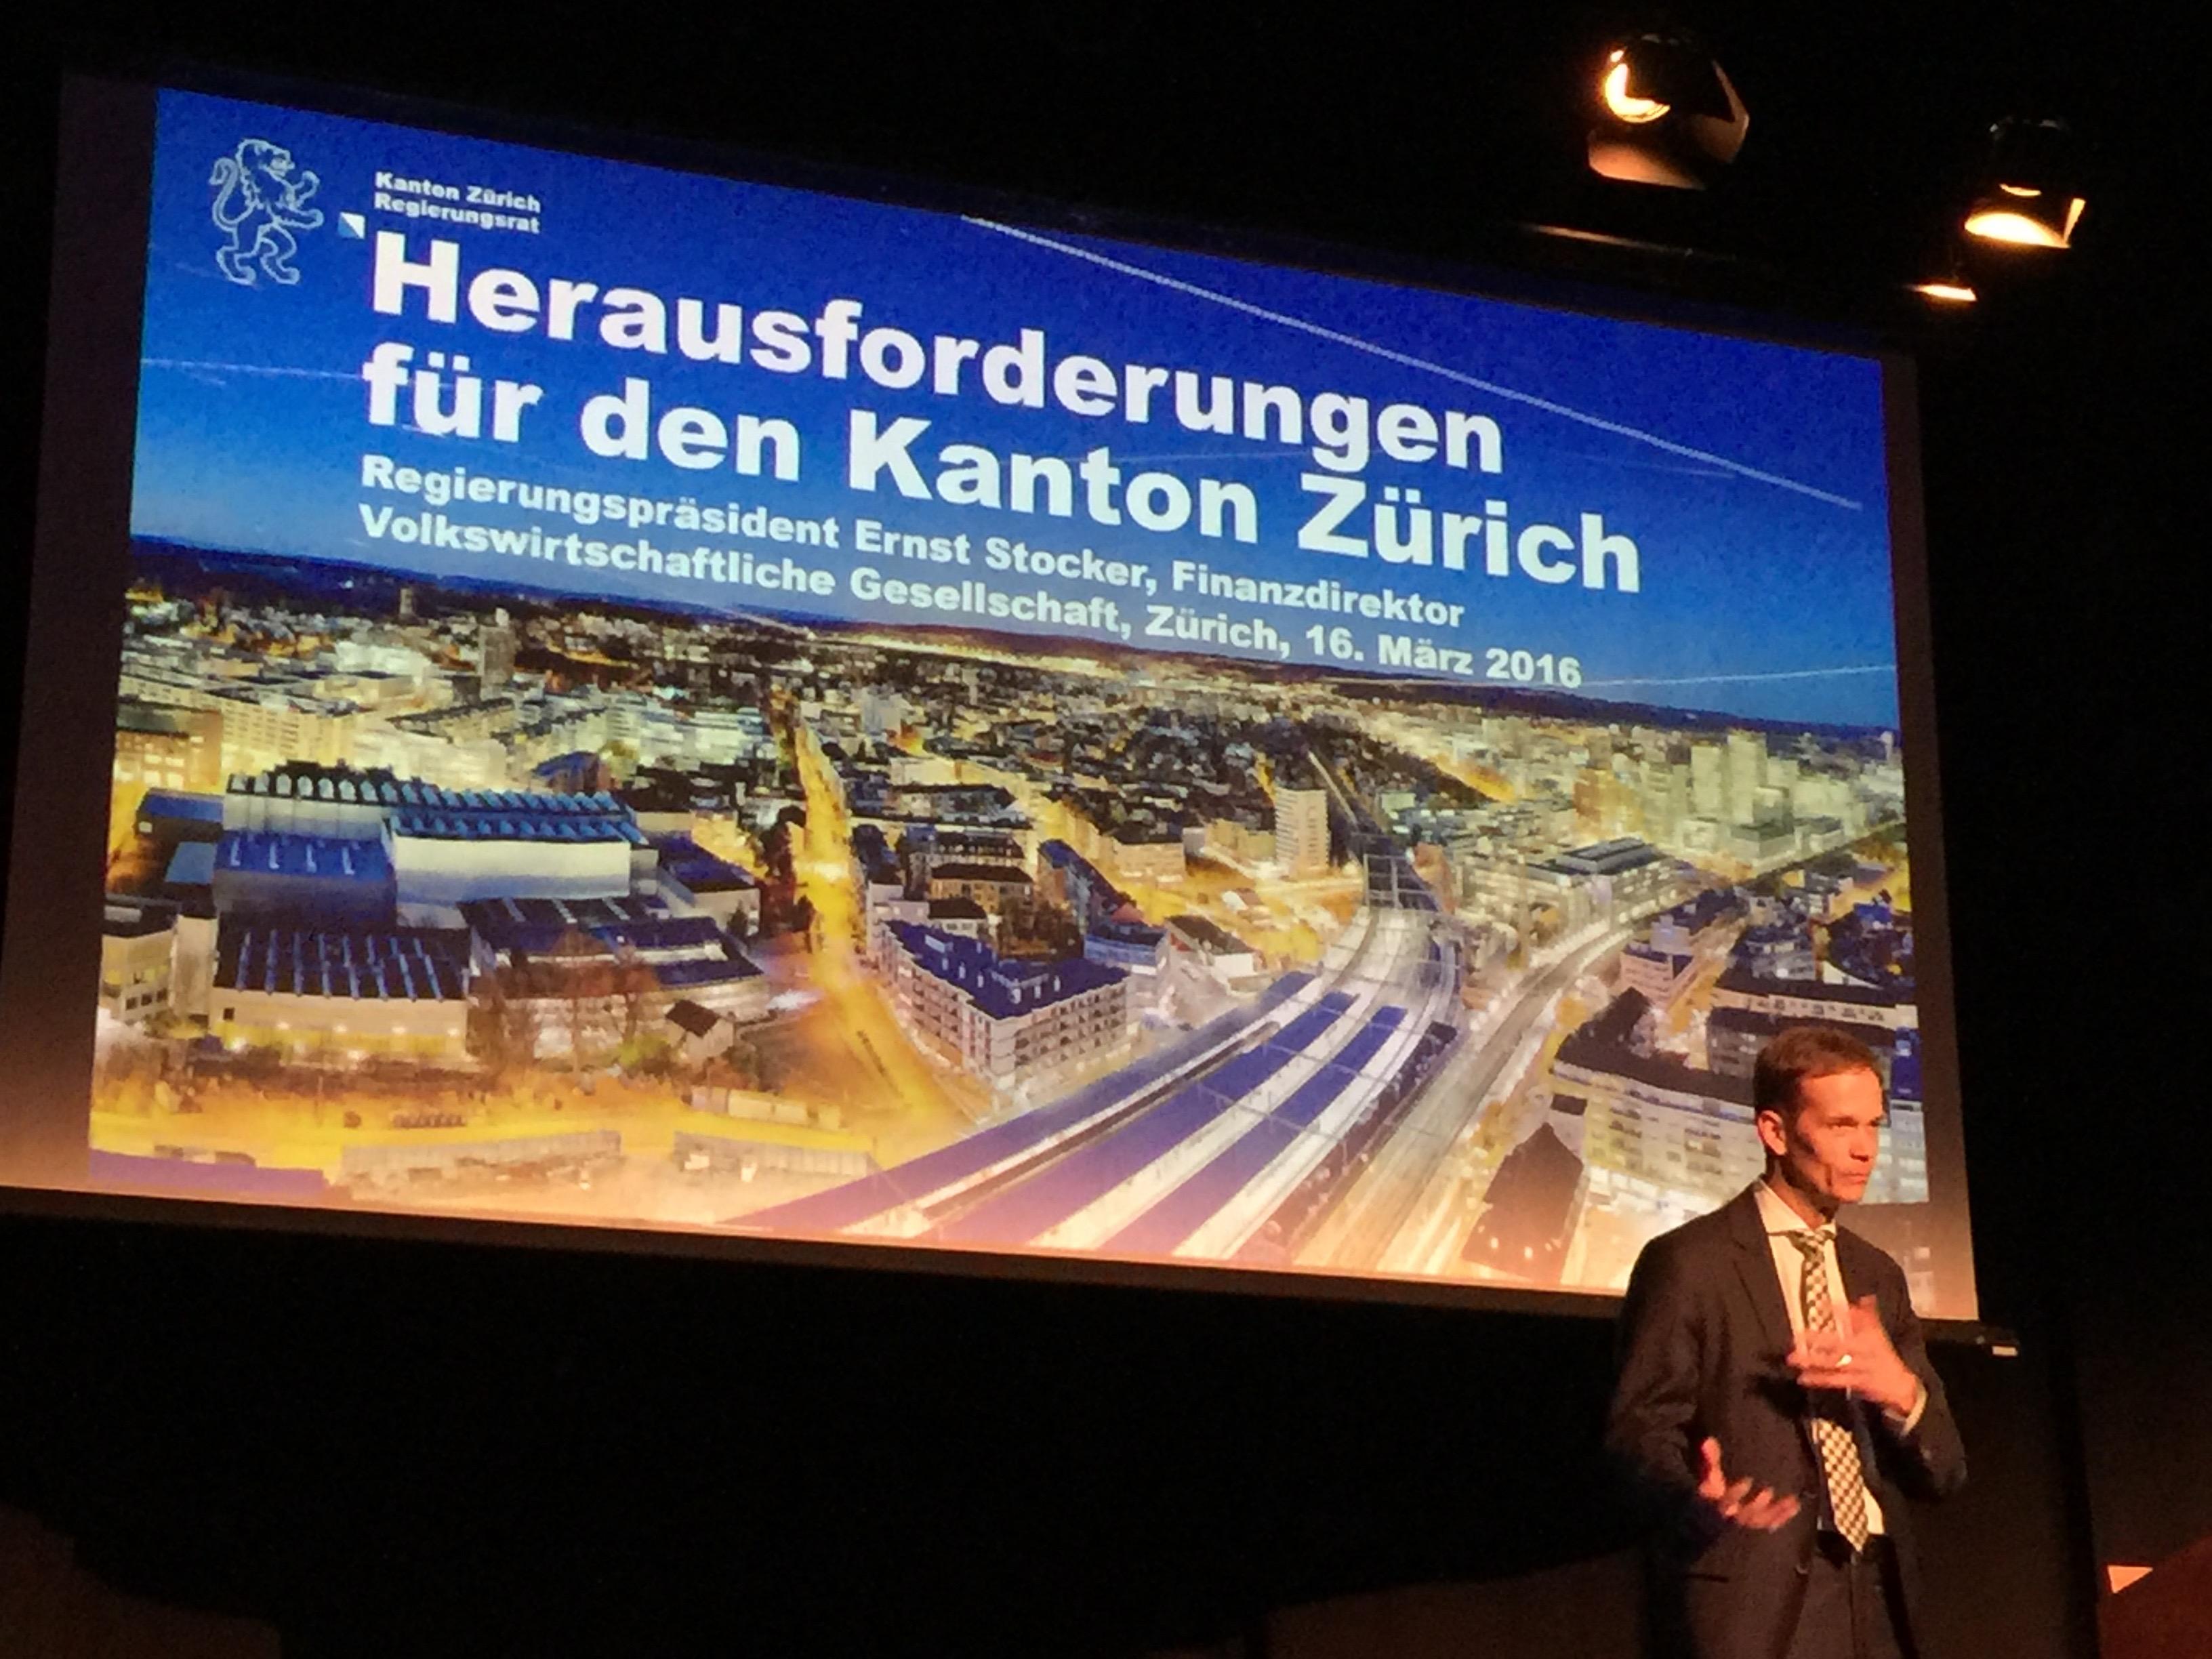 Herausforderungen für den Kanton Zürich